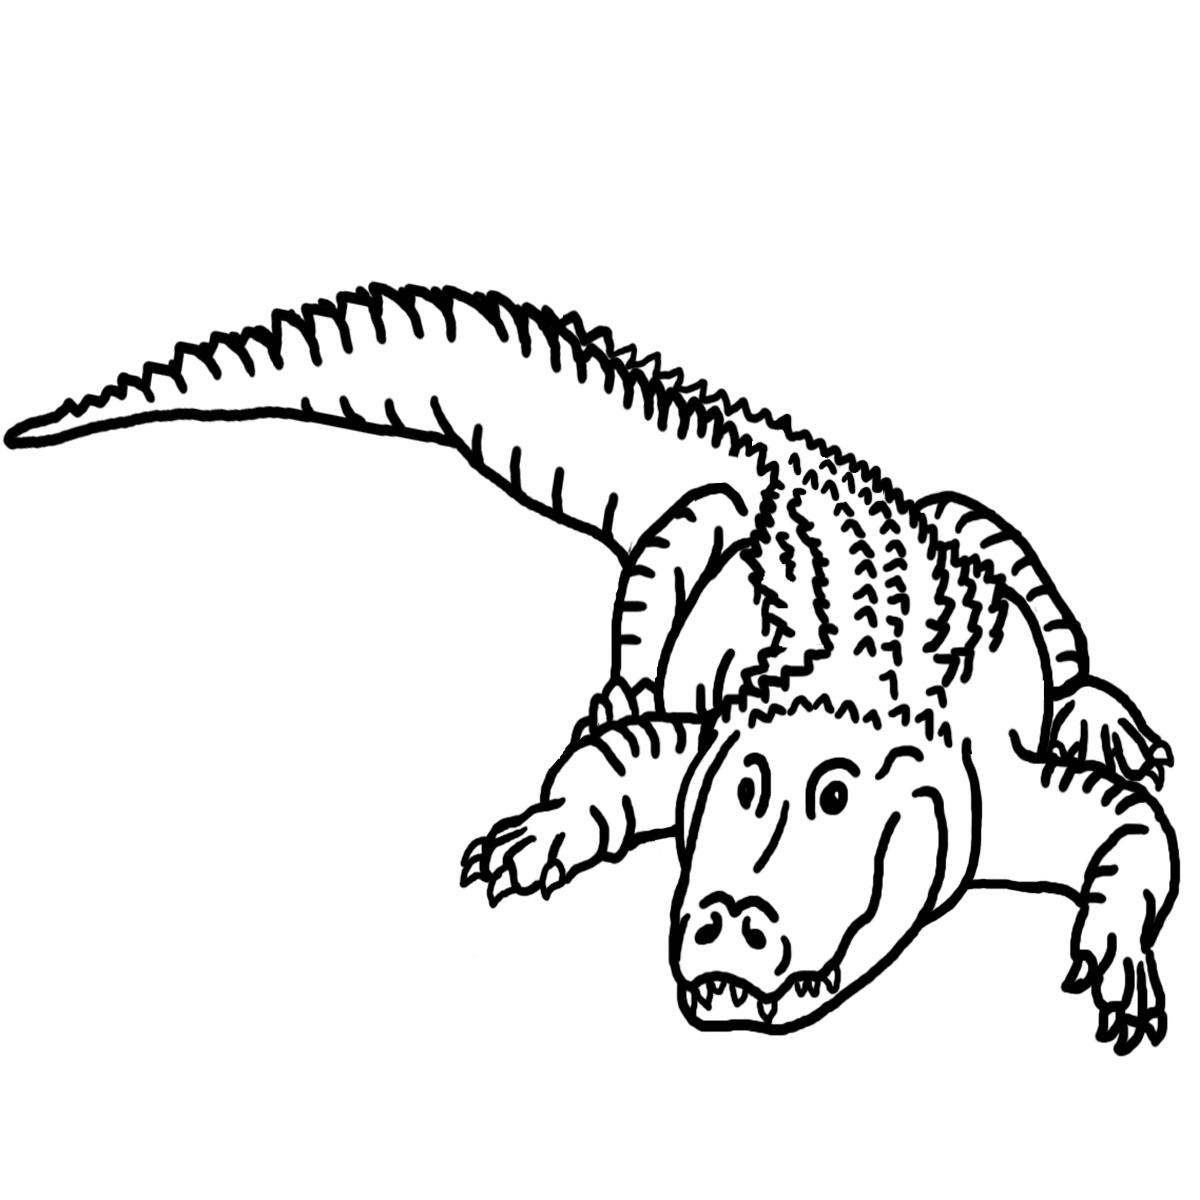 Monochrome clipart alligator #4